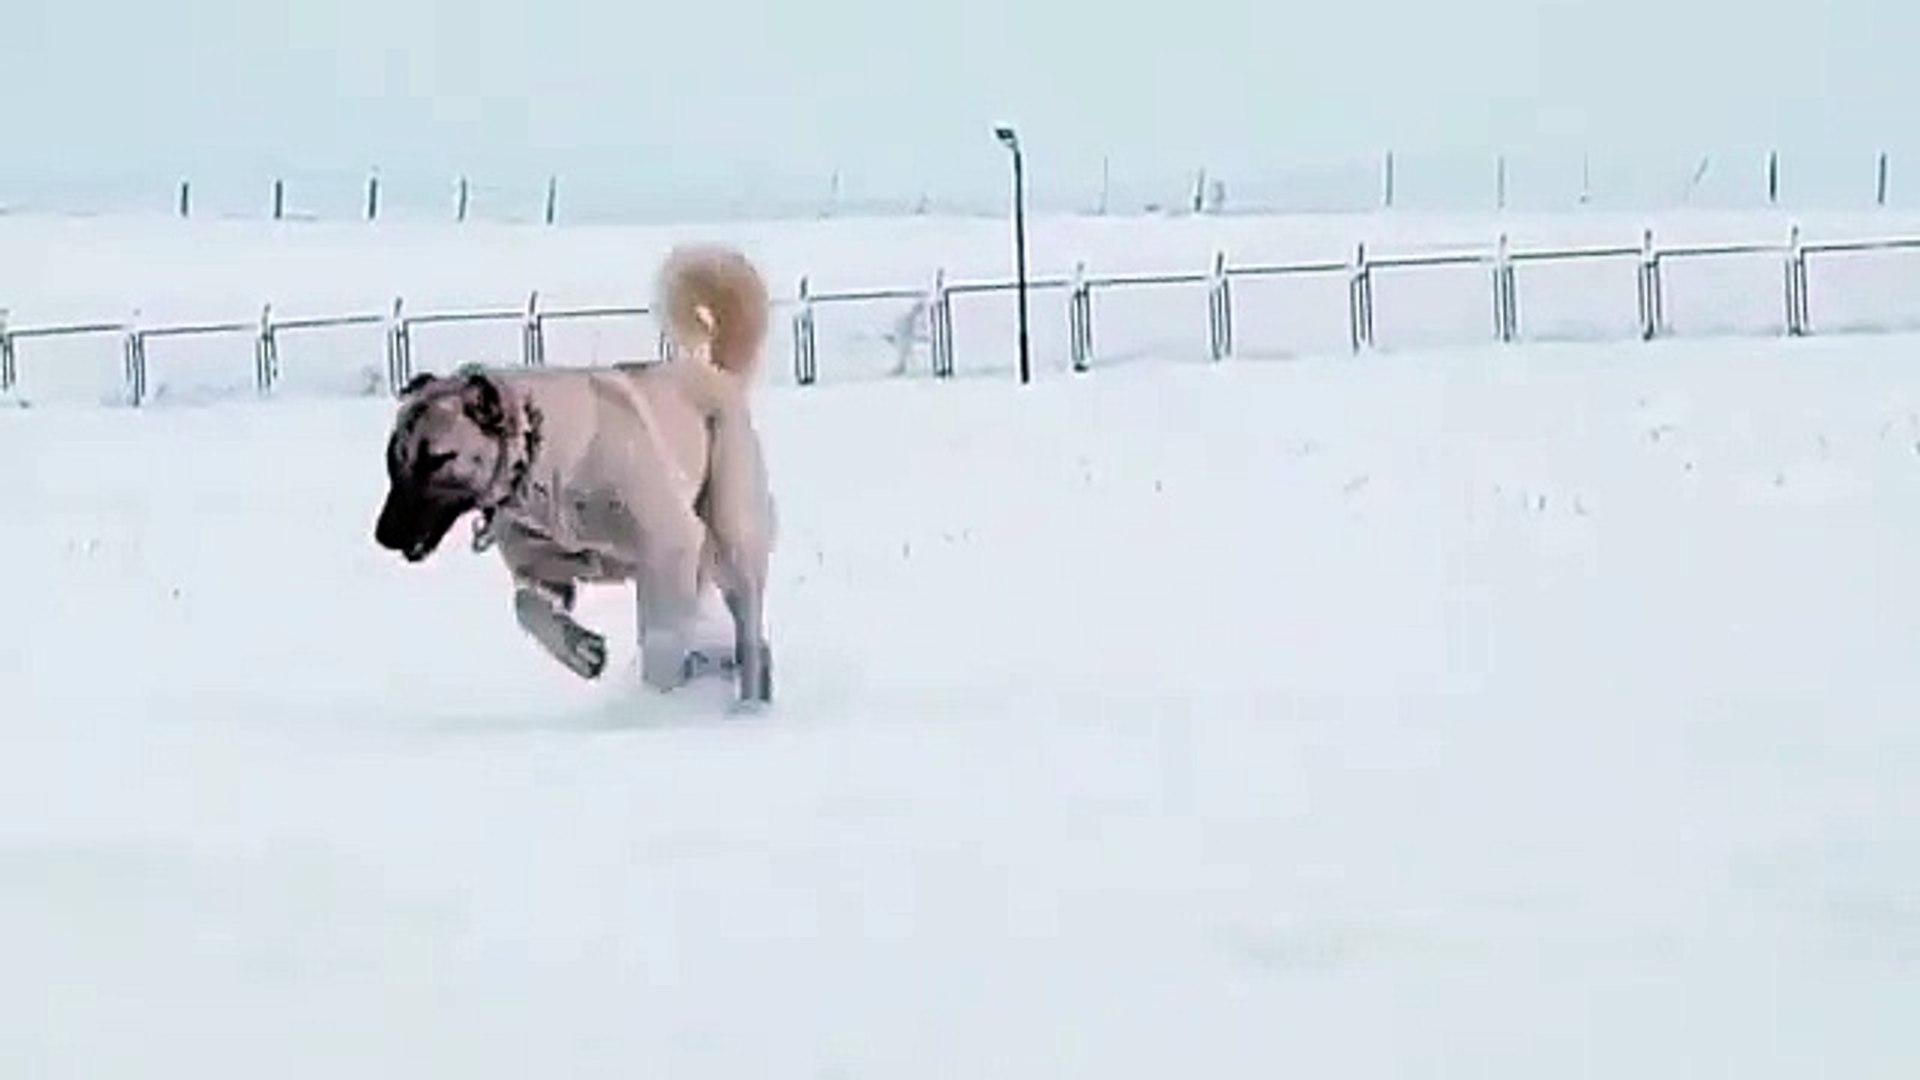 KANGAL COBAN KOPEGiNiN KAR ASKI - KANGAL SHEPHERD DOG LOVE SNOW